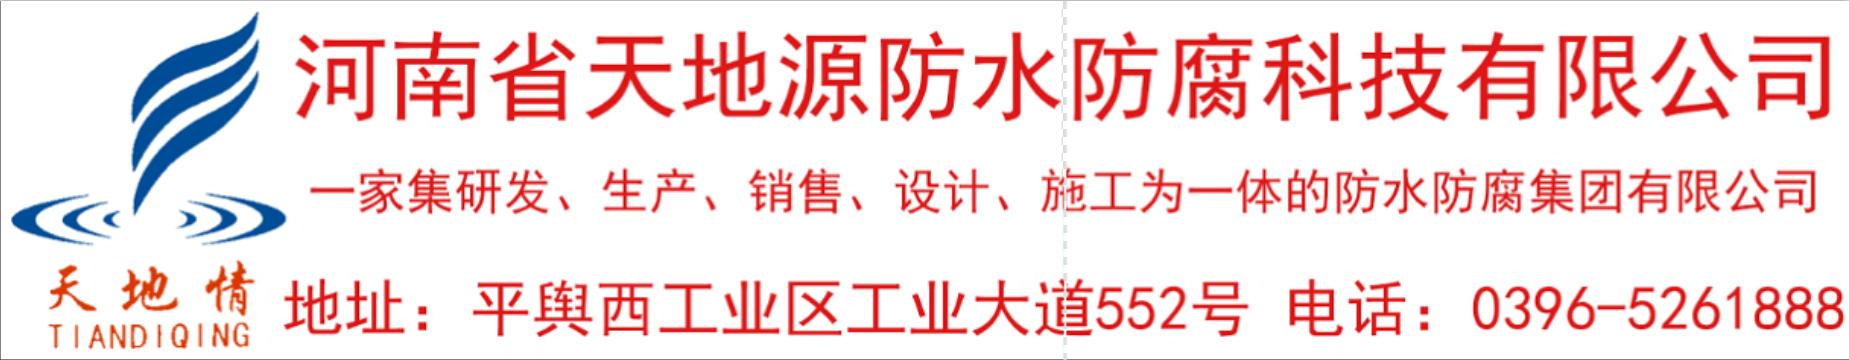 河南省天地源防水防腐科技有限公司